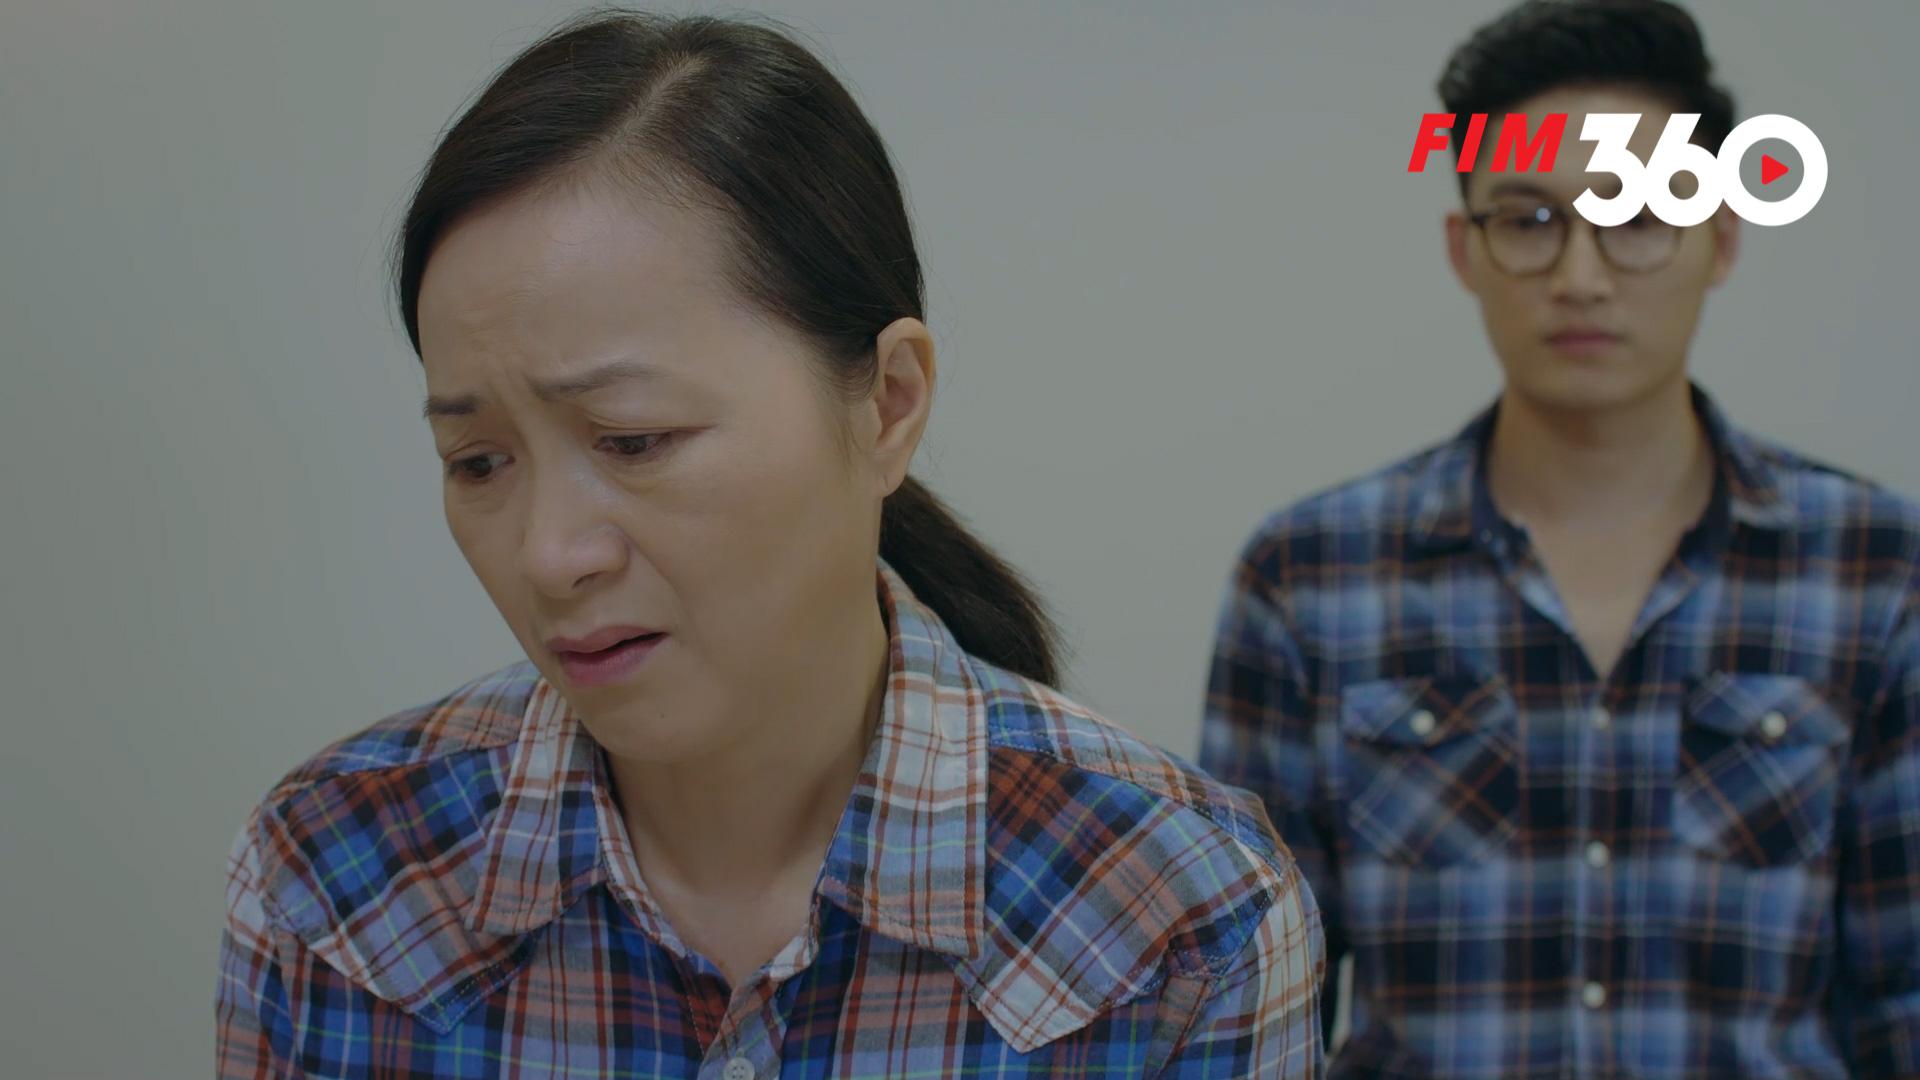 Hân bất ngờ ngất xỉu, Bảo tha thiết mong 'bạn gái' đừng rời đi trong tập 36 'Mặt nạ hạnh phúc' 6